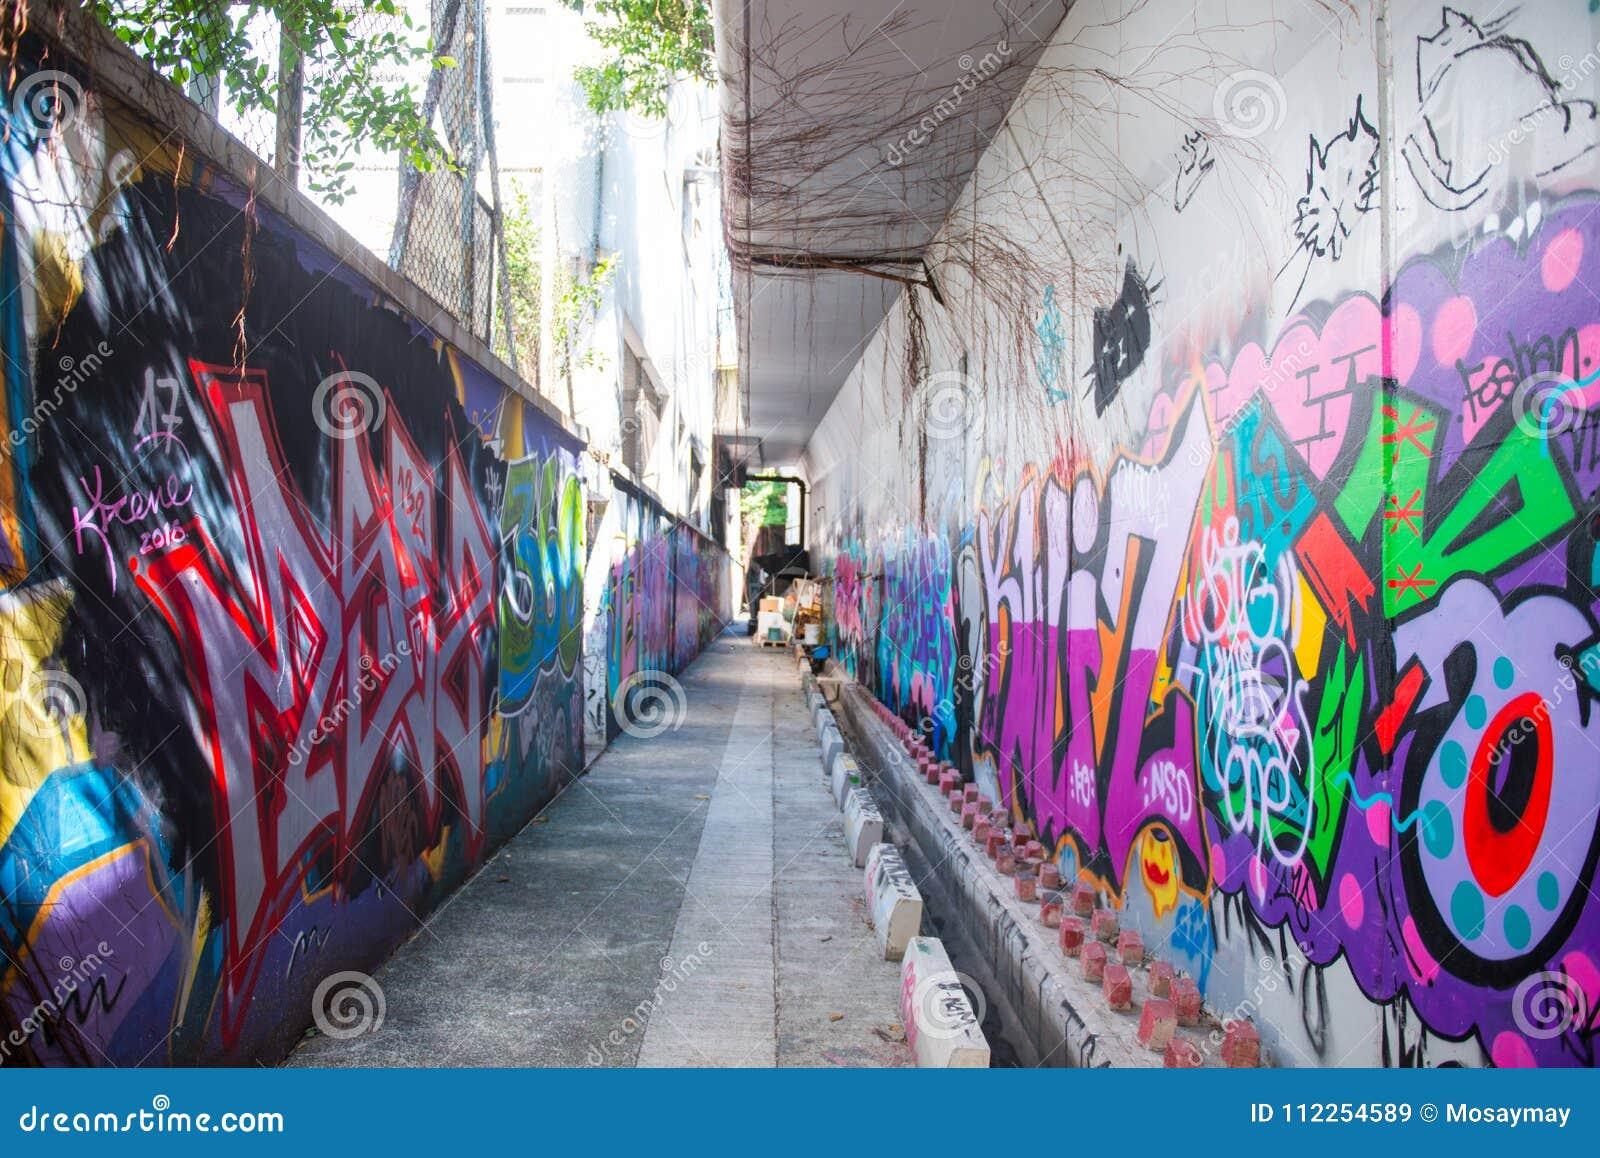 Mongkok-Graffitiwand des Ruhmes befindet sich unweit von Argyle-str